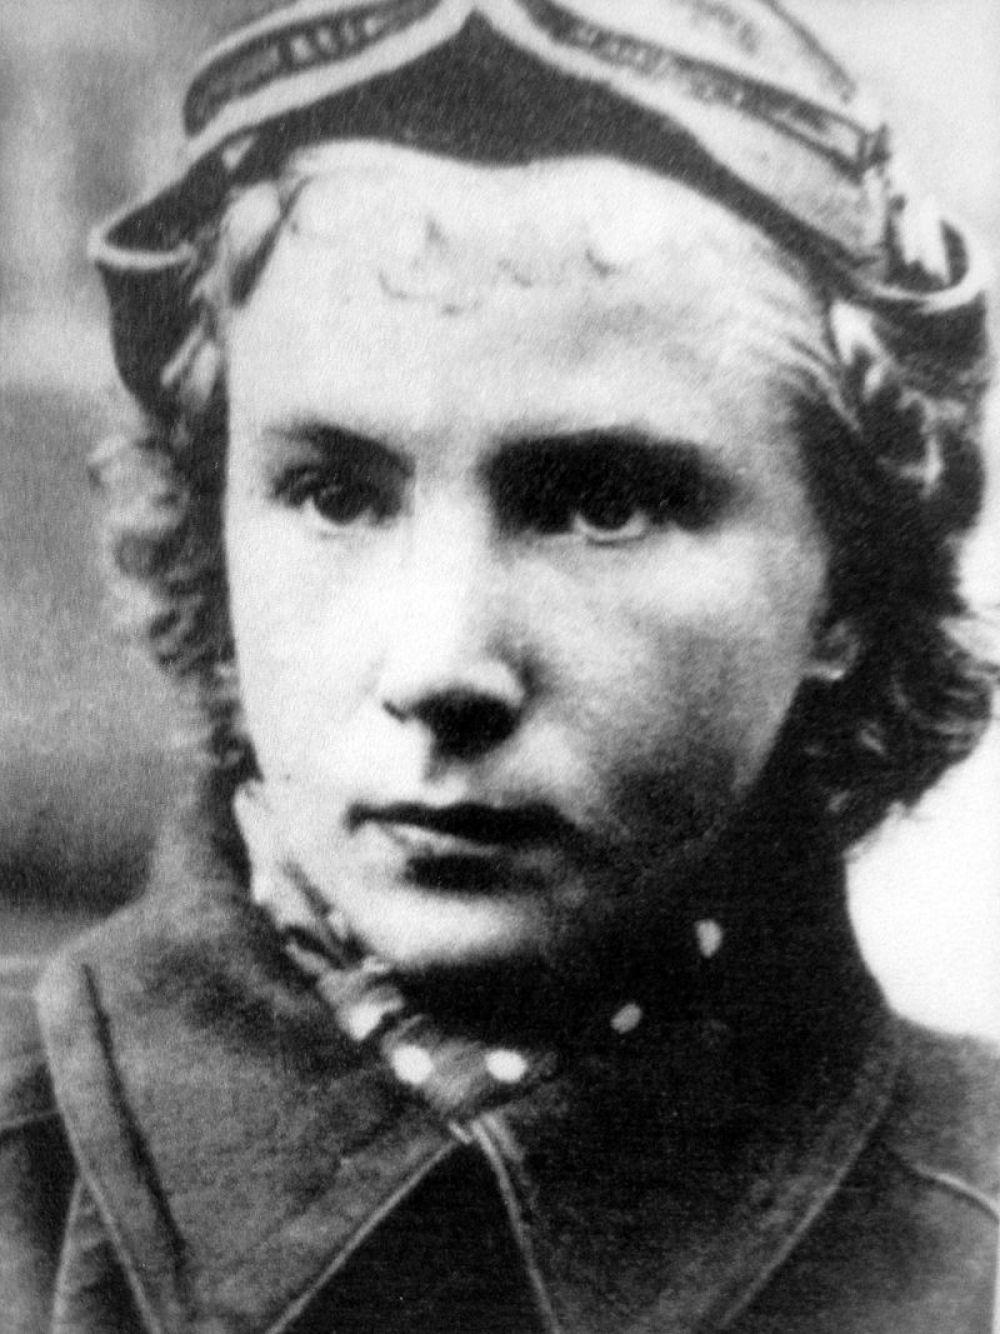 Лидия Литвяк в ВОВ была самой результативной женщиной-истребителем. Она сбила 11 немецких самолетов и погибла в воздушном бою в августе 1943-го года.